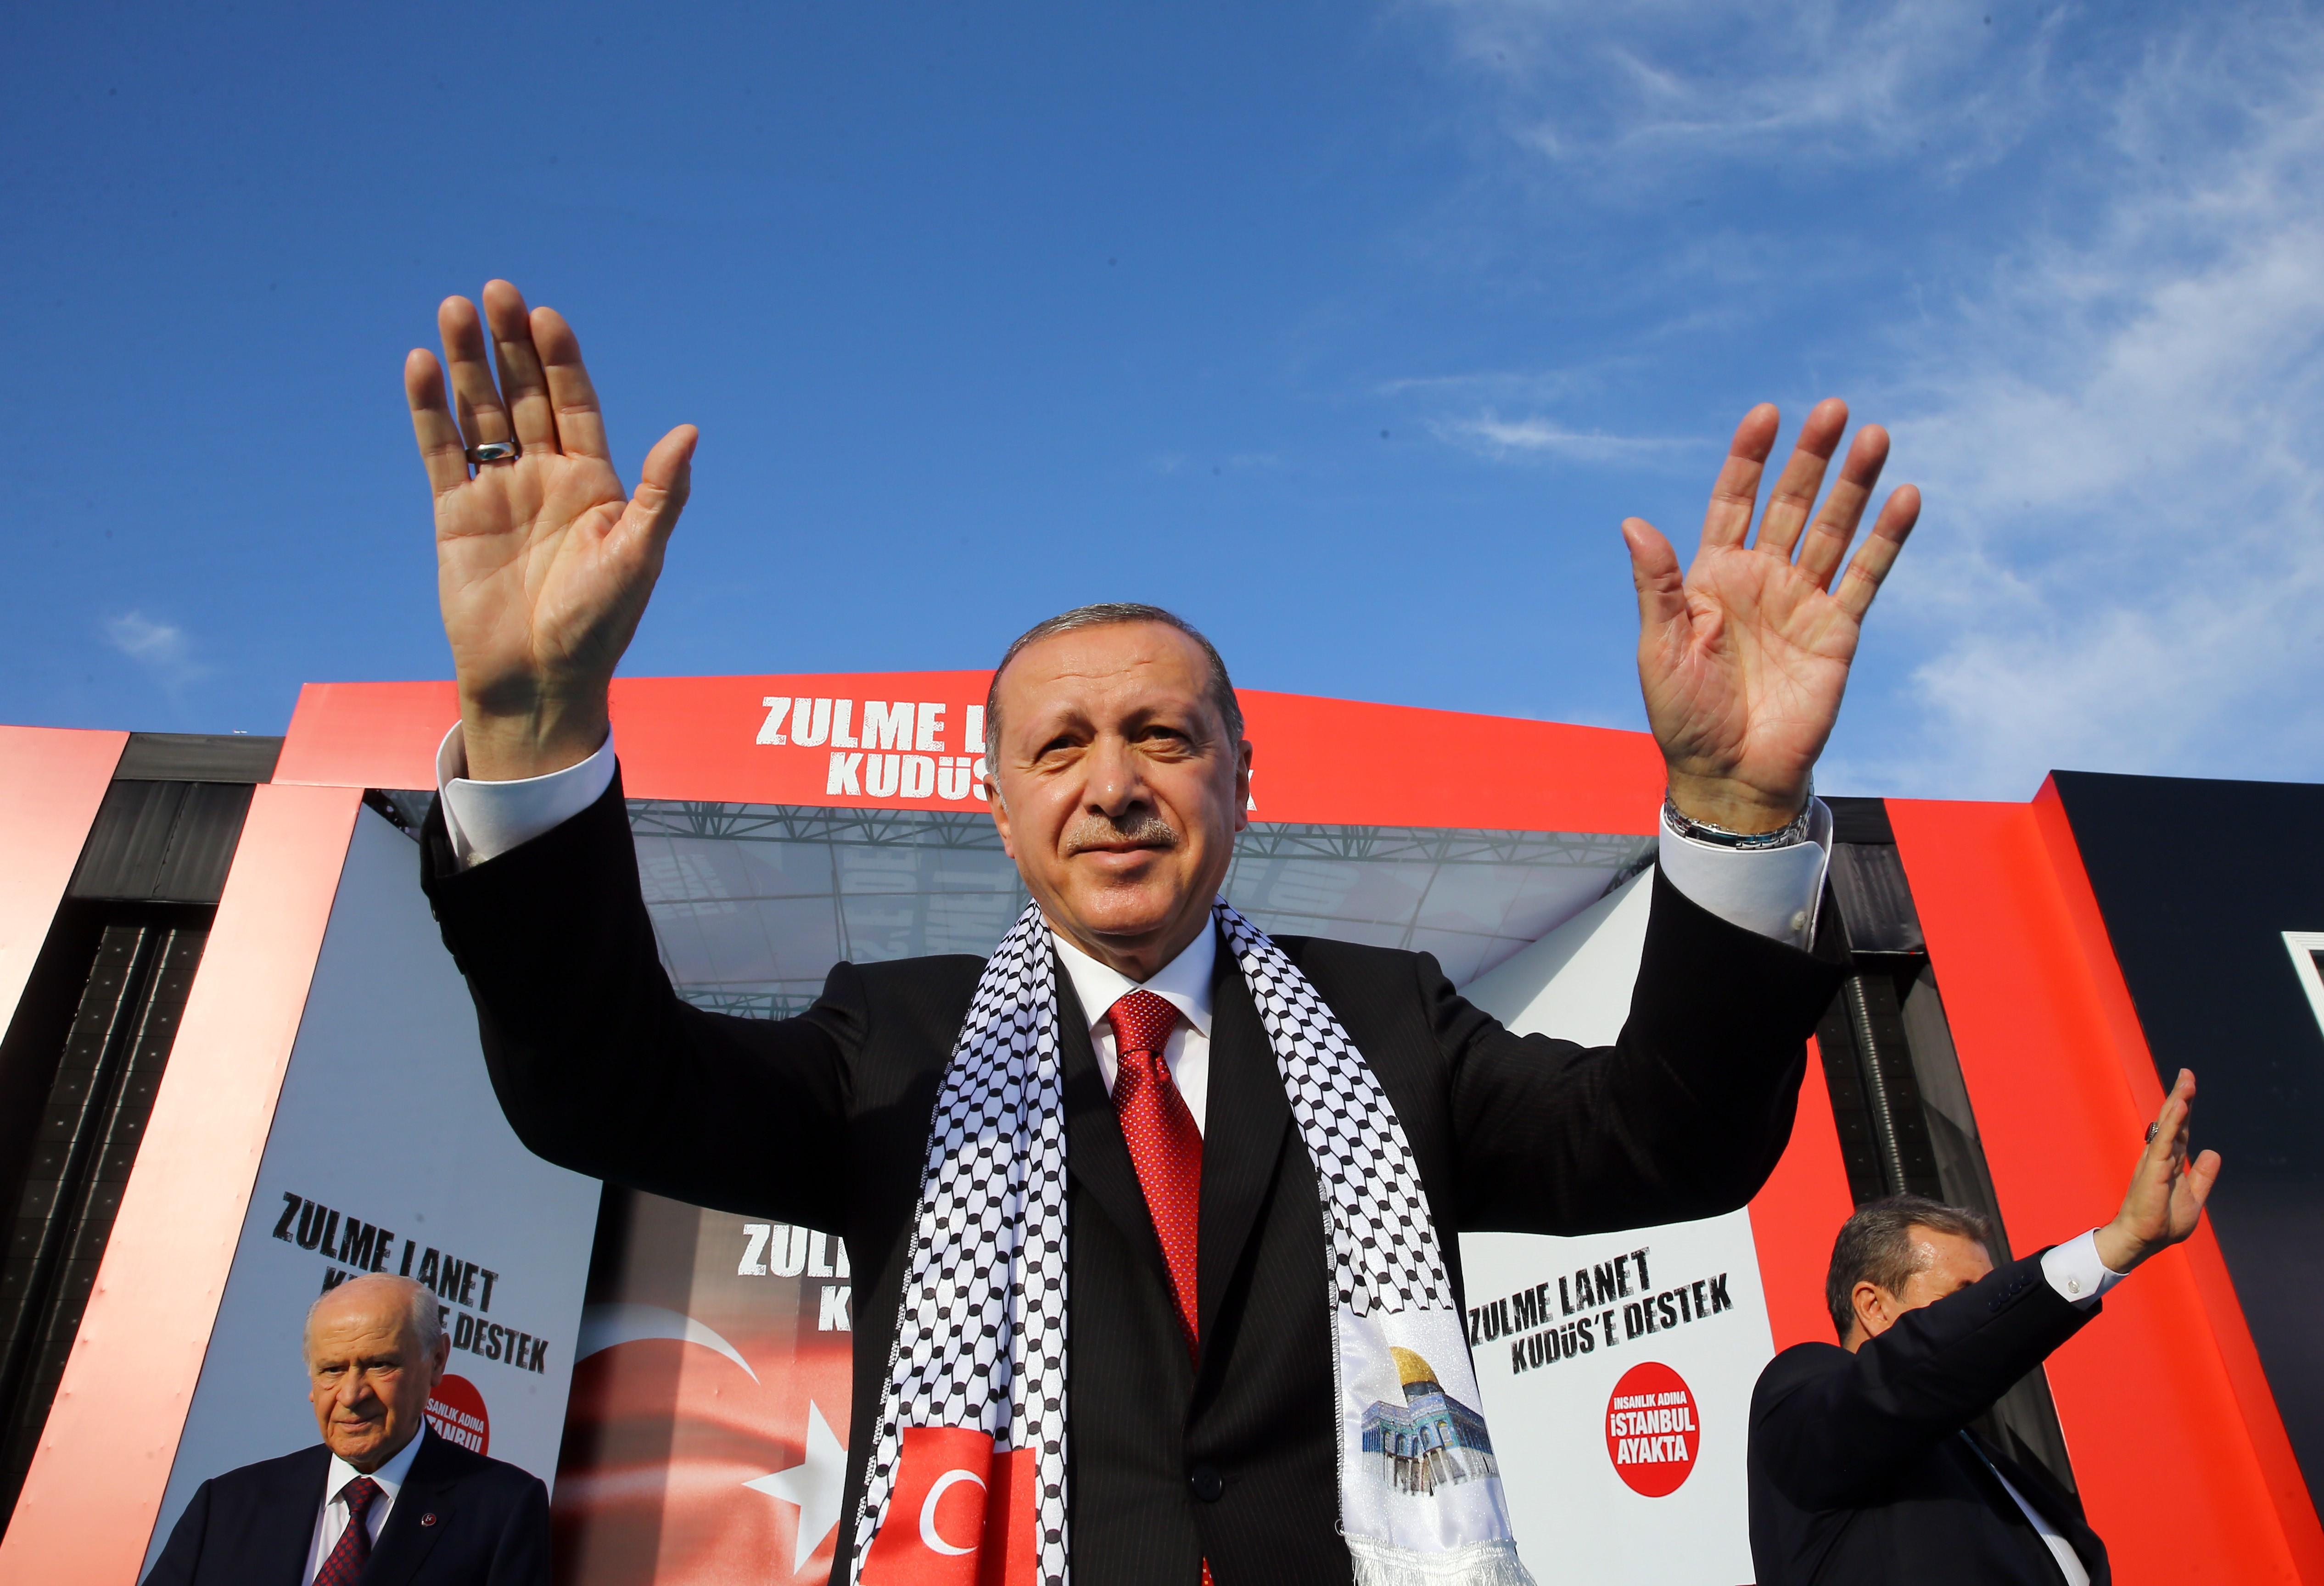 Nem nyugtatta meg a gazdaságot, hogy Erdogan teljhatalmat kapott, a Fitch Ratings leminősítette Törökországot